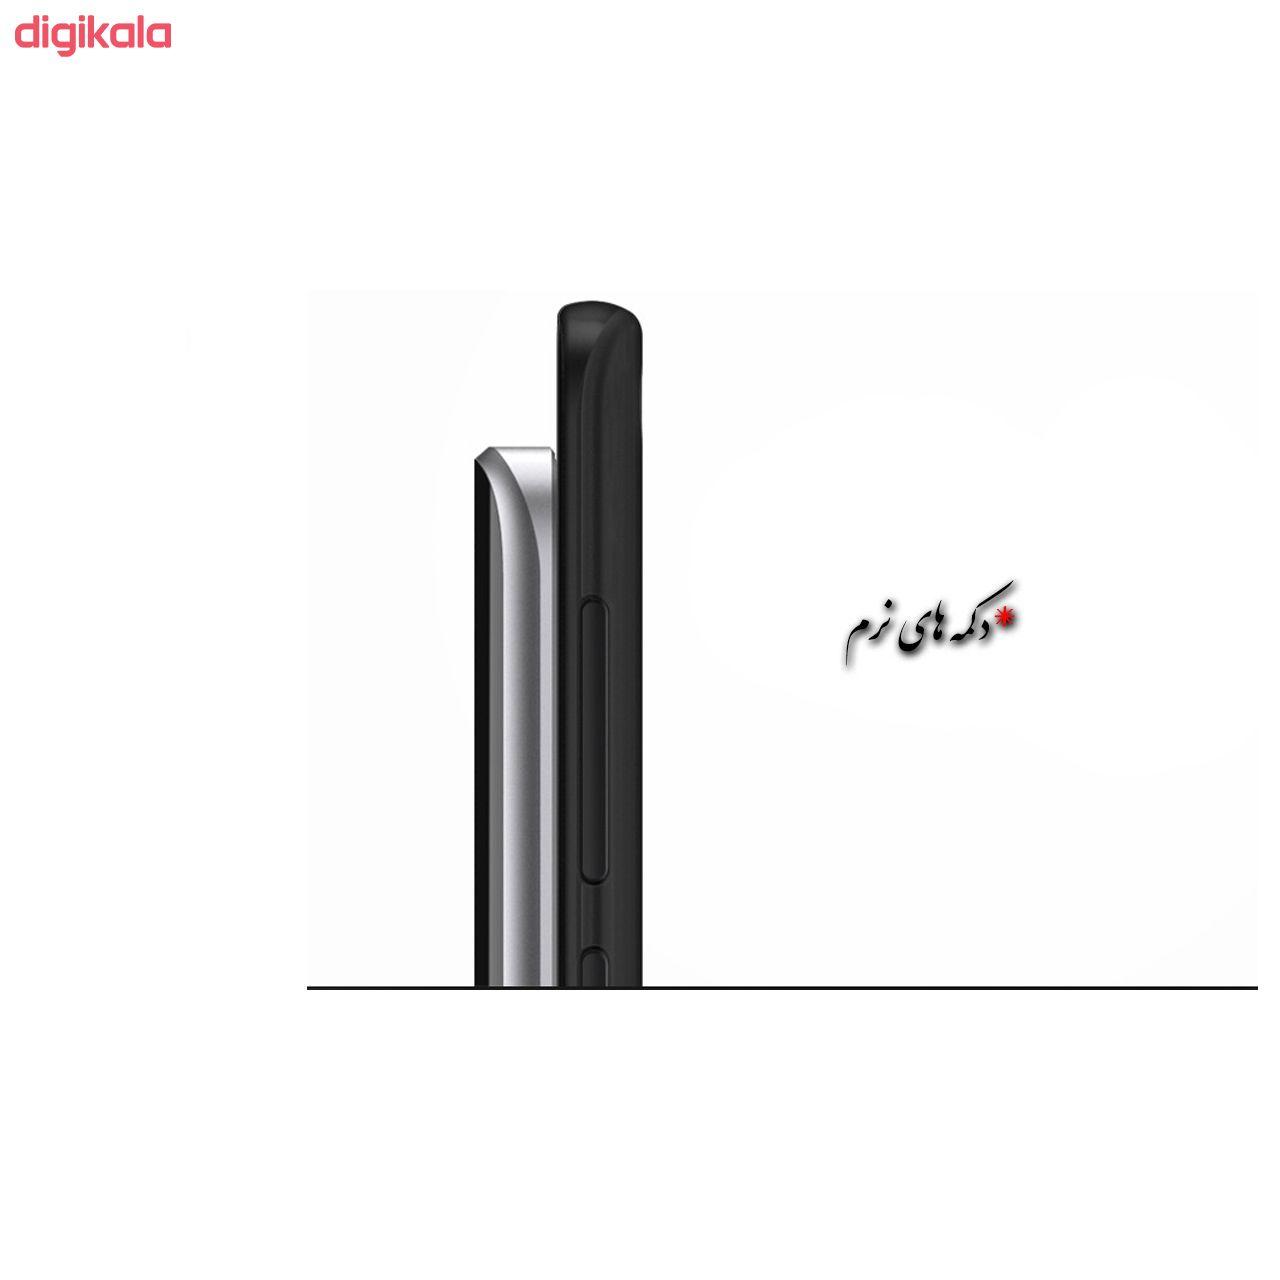 کاور کی اچ کد 226 مناسب برای گوشی موبایل هوآوی P30 Lite  main 1 4